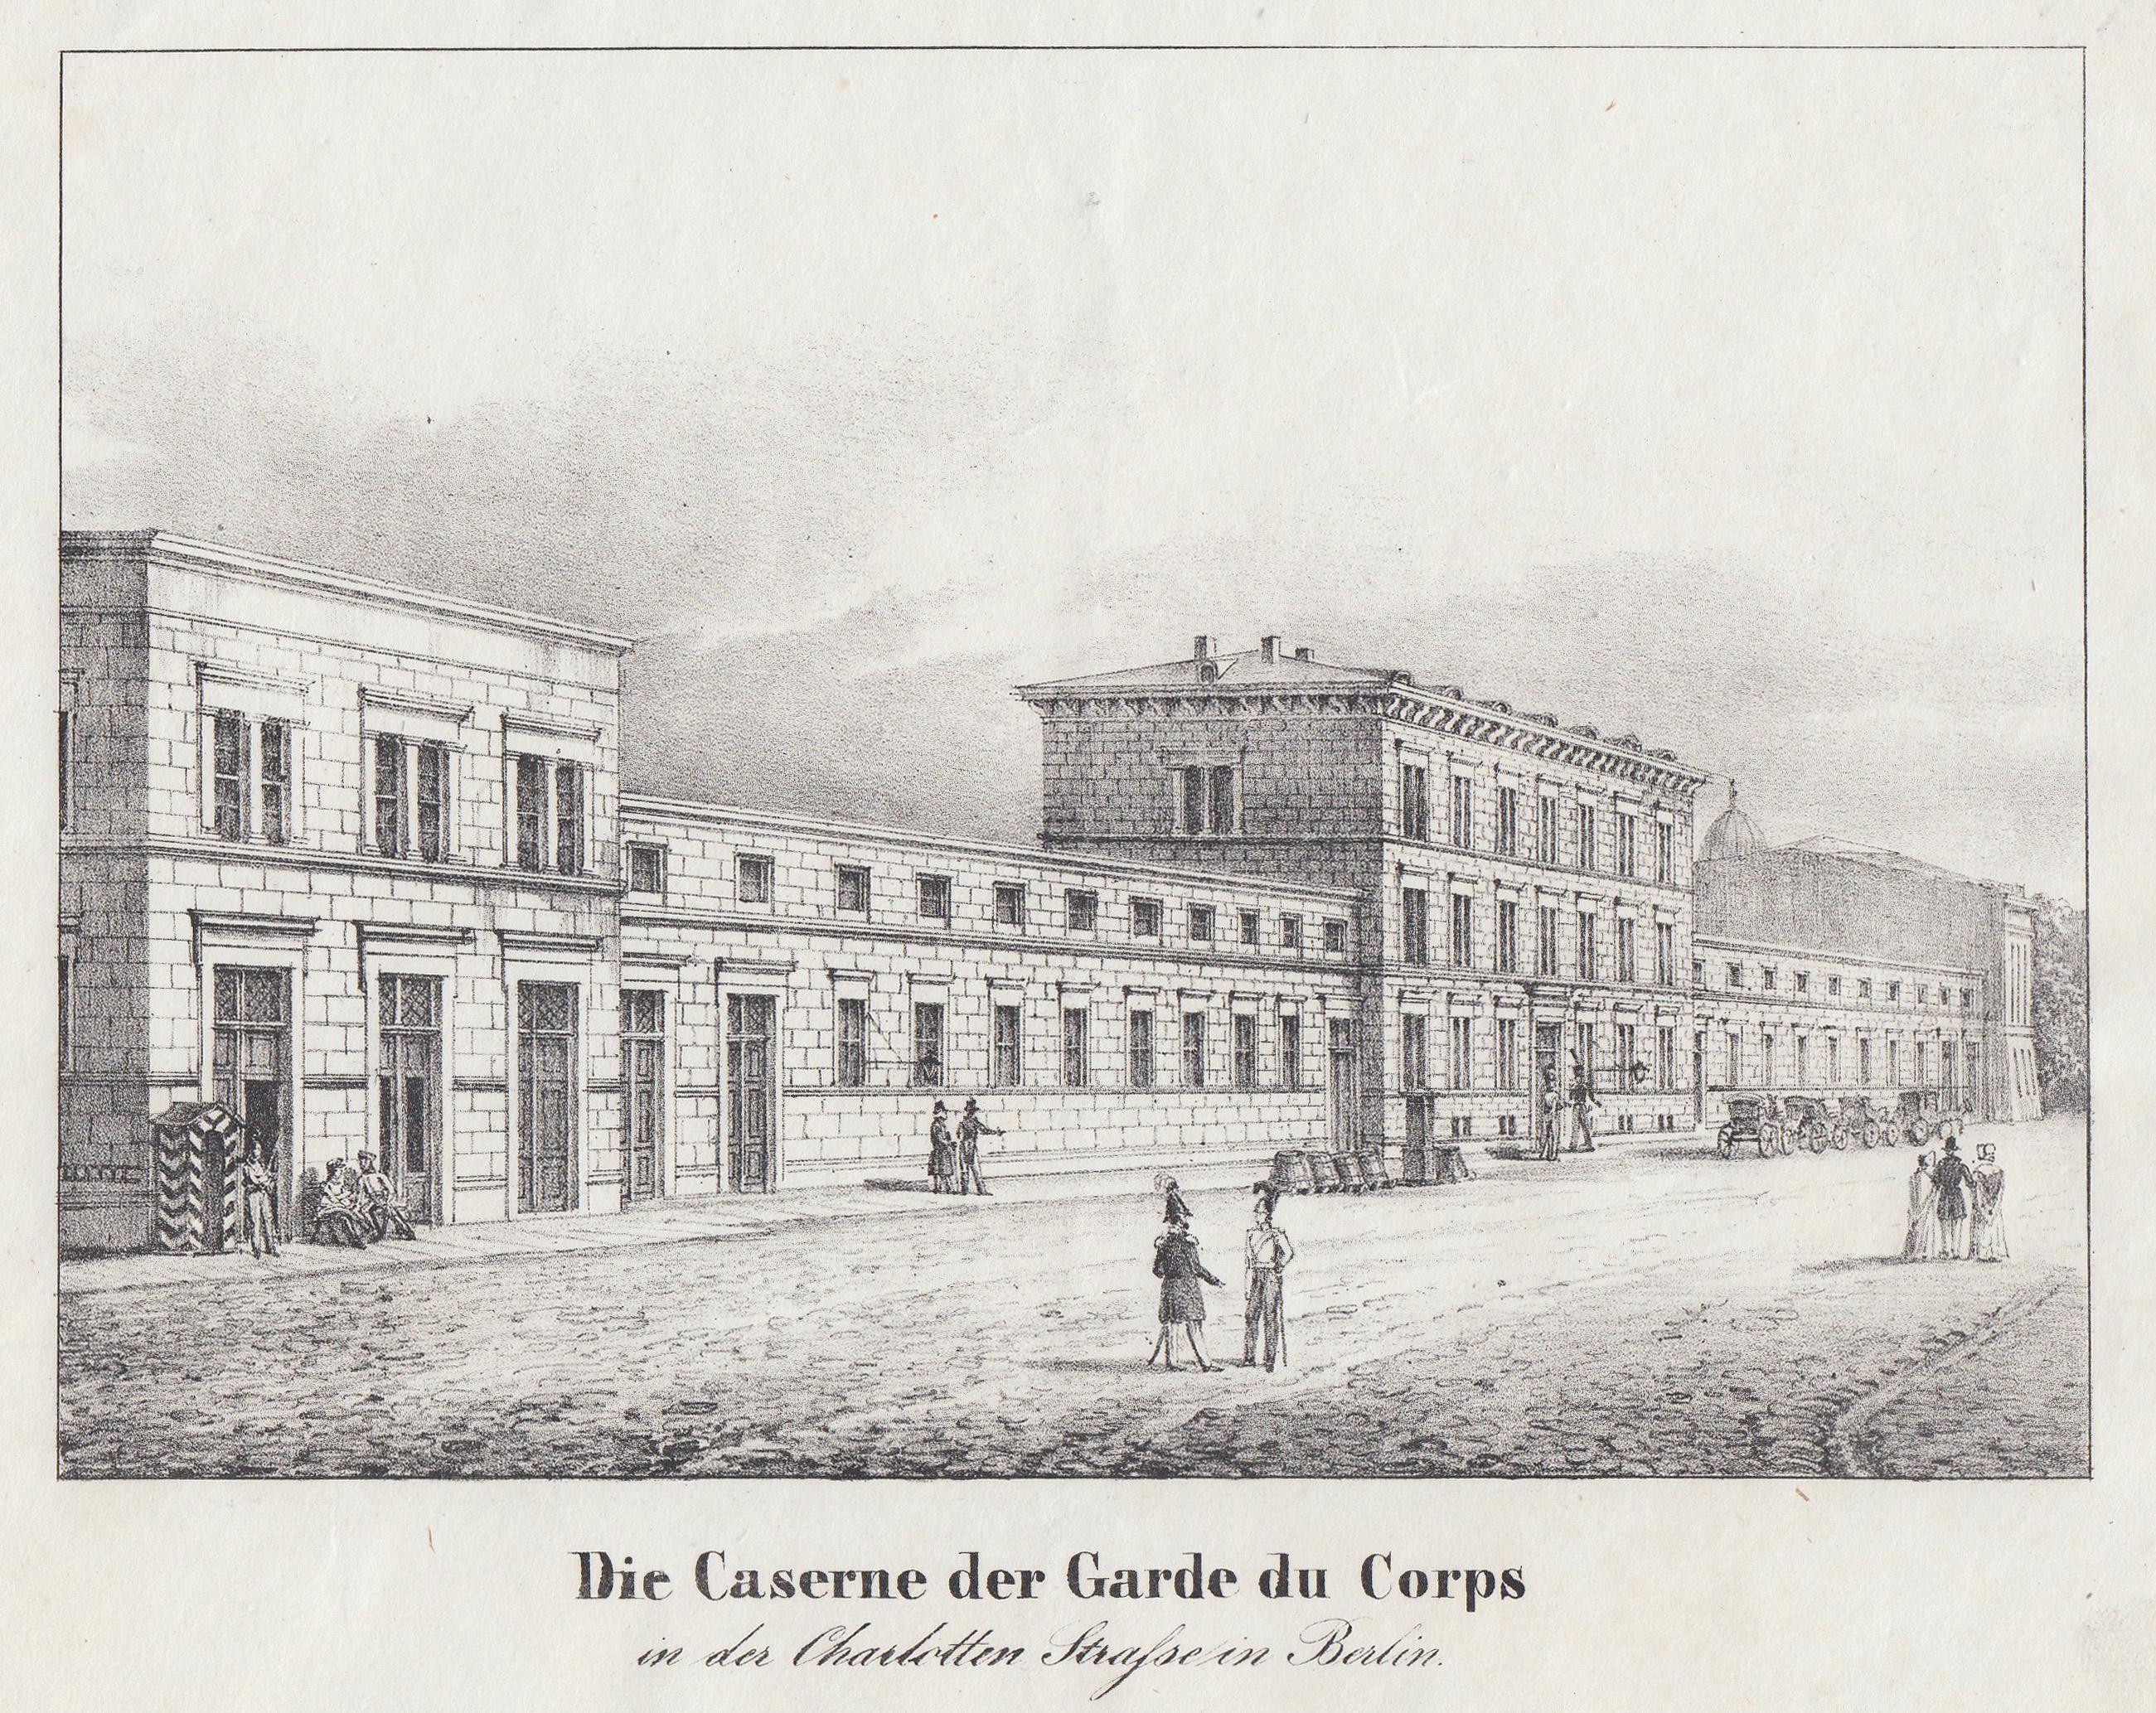 Die Caserne der Garde du Corps in: Berlin - Militärbauten: